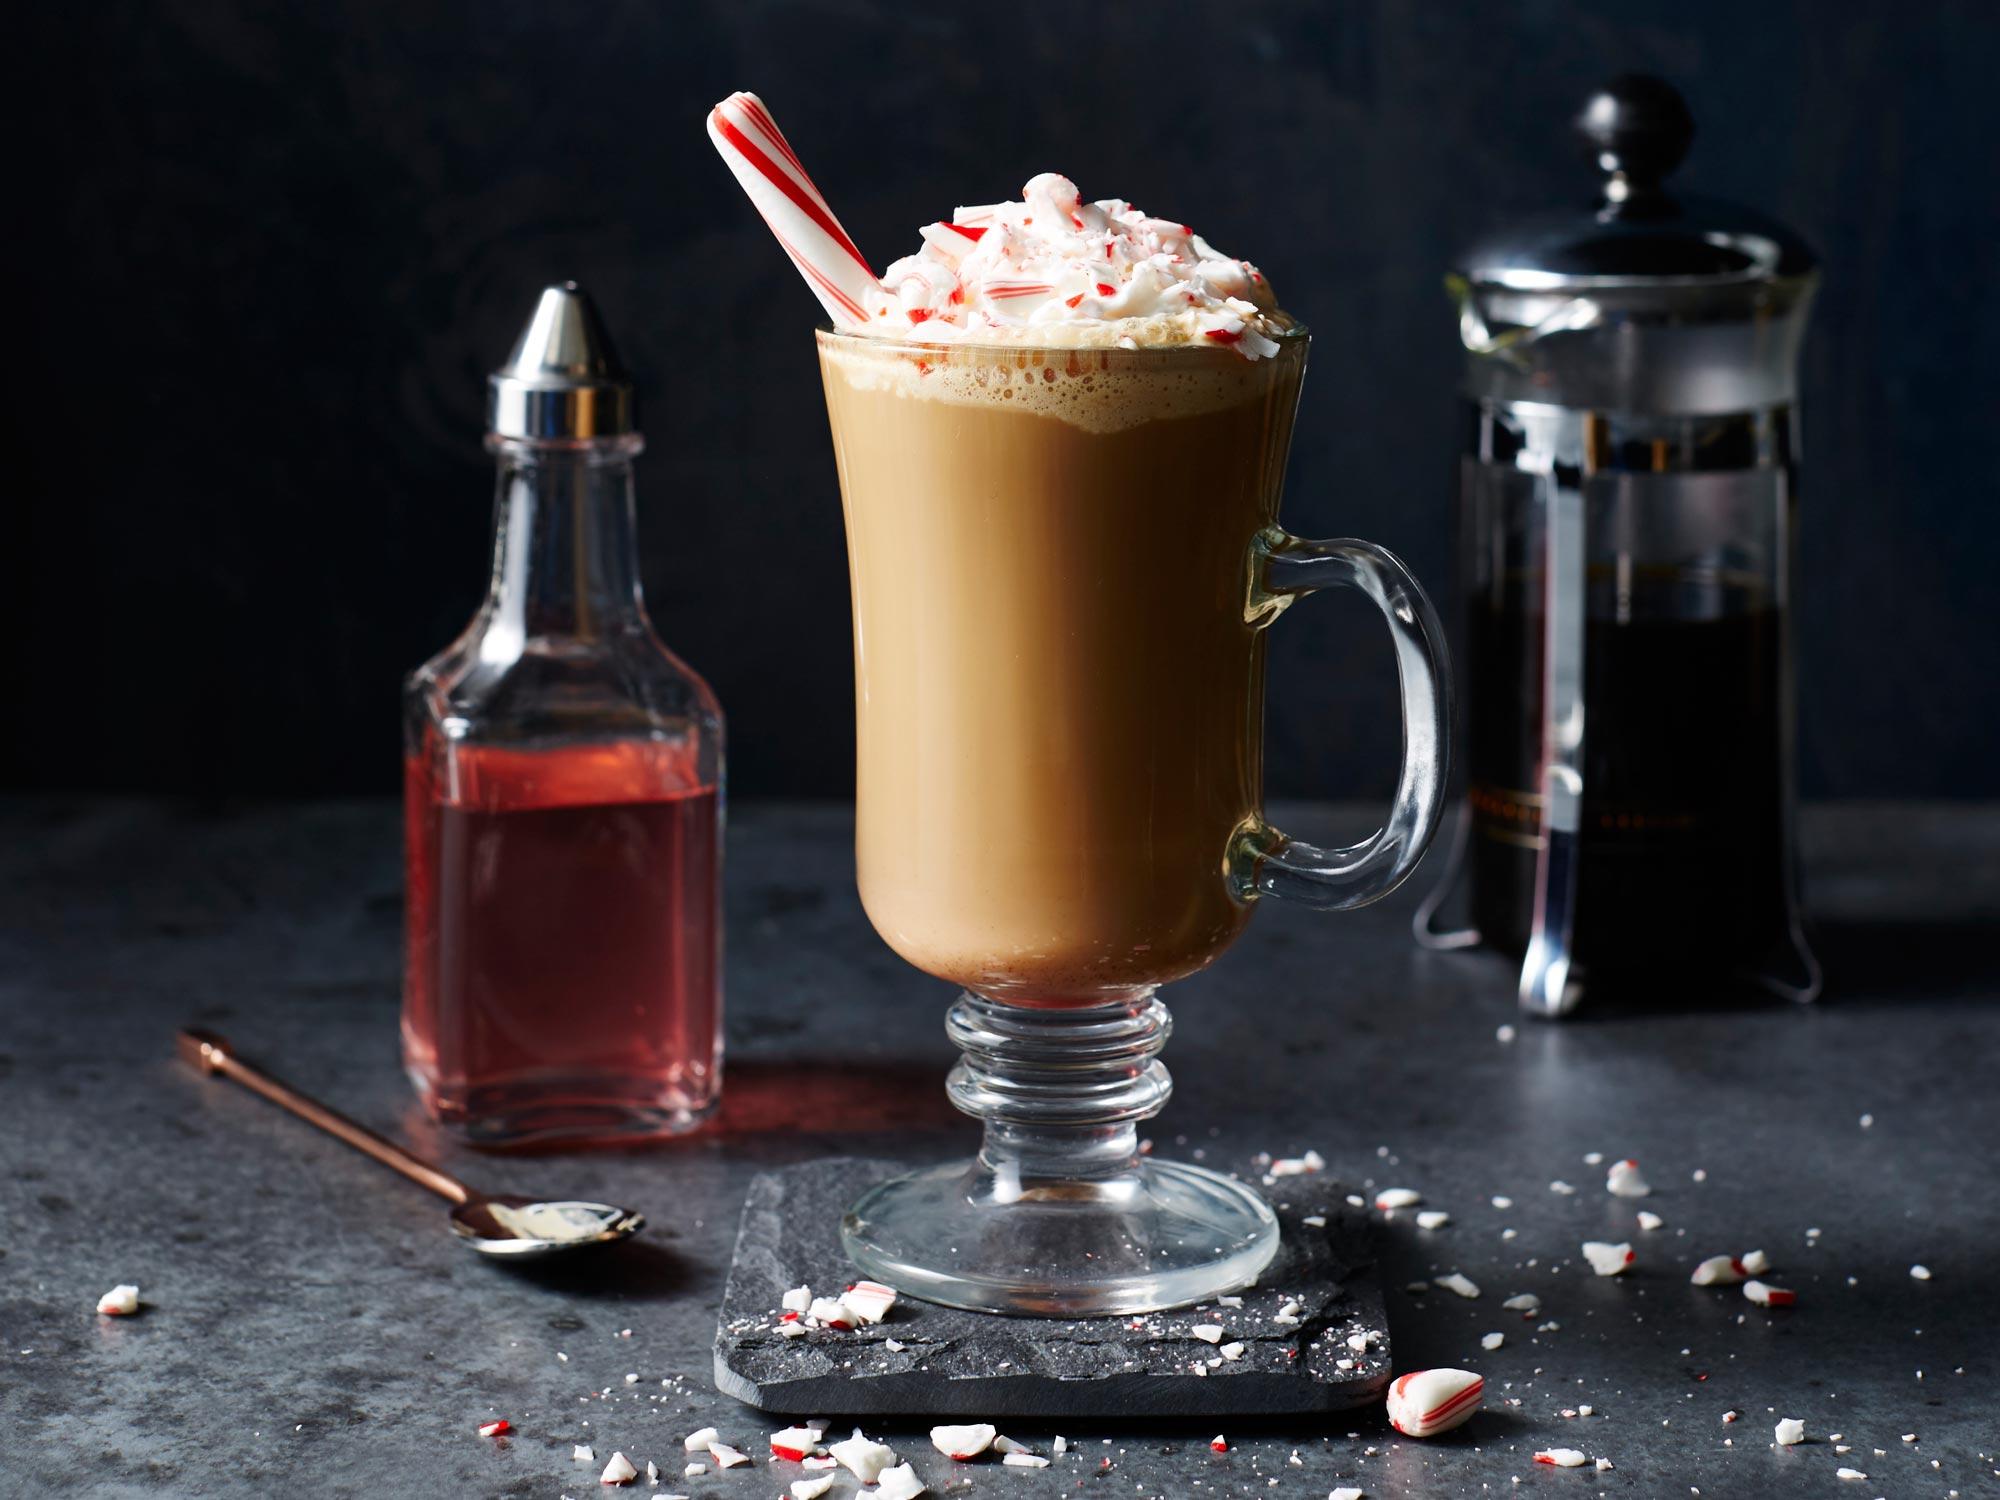 starbucks peppermint latte